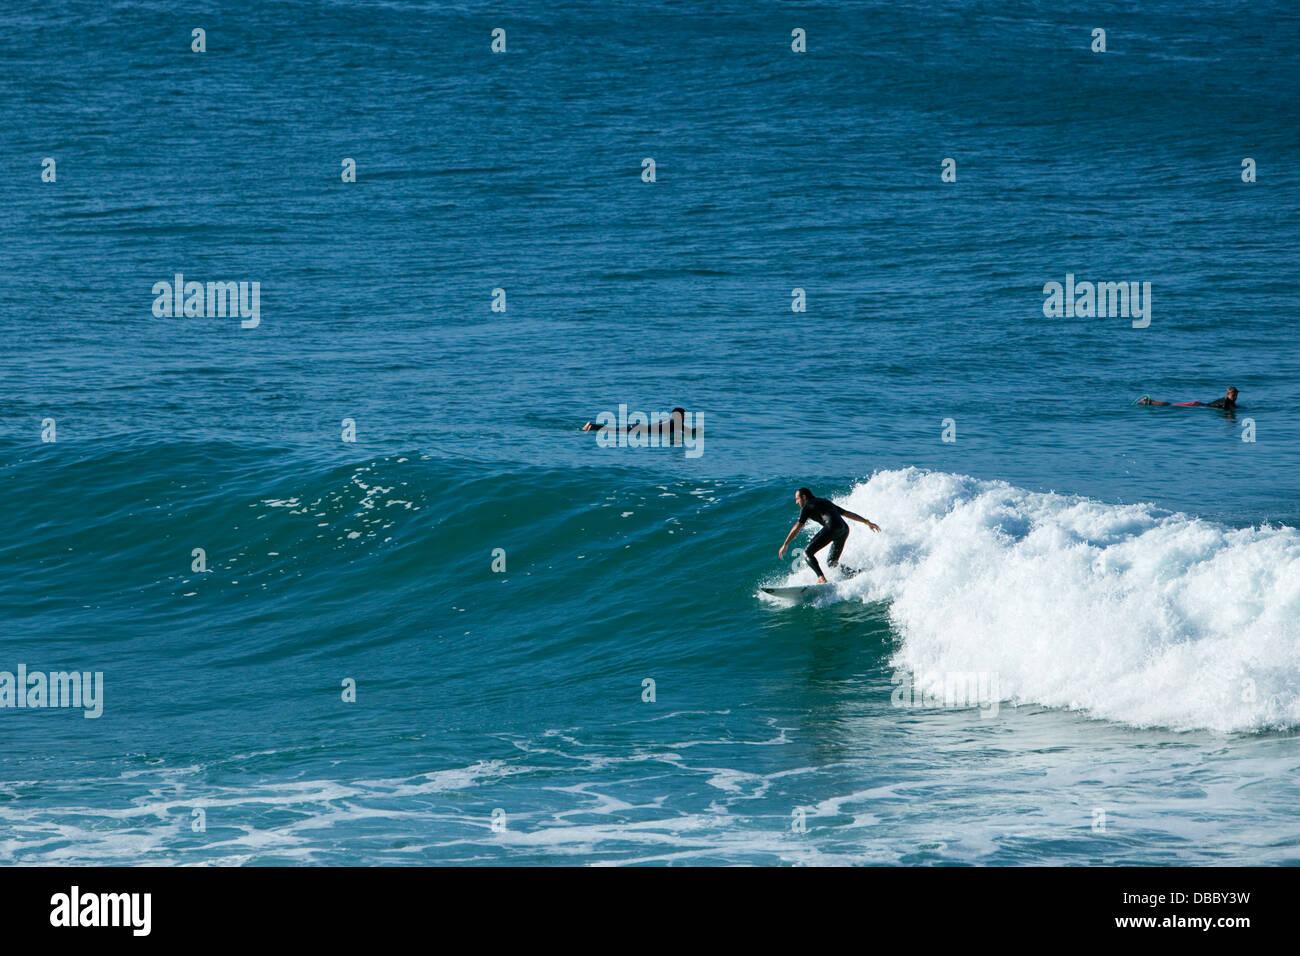 Surfer auf einer Welle. Coolangatta, Gold Coast, Queensland, Australien Stockbild